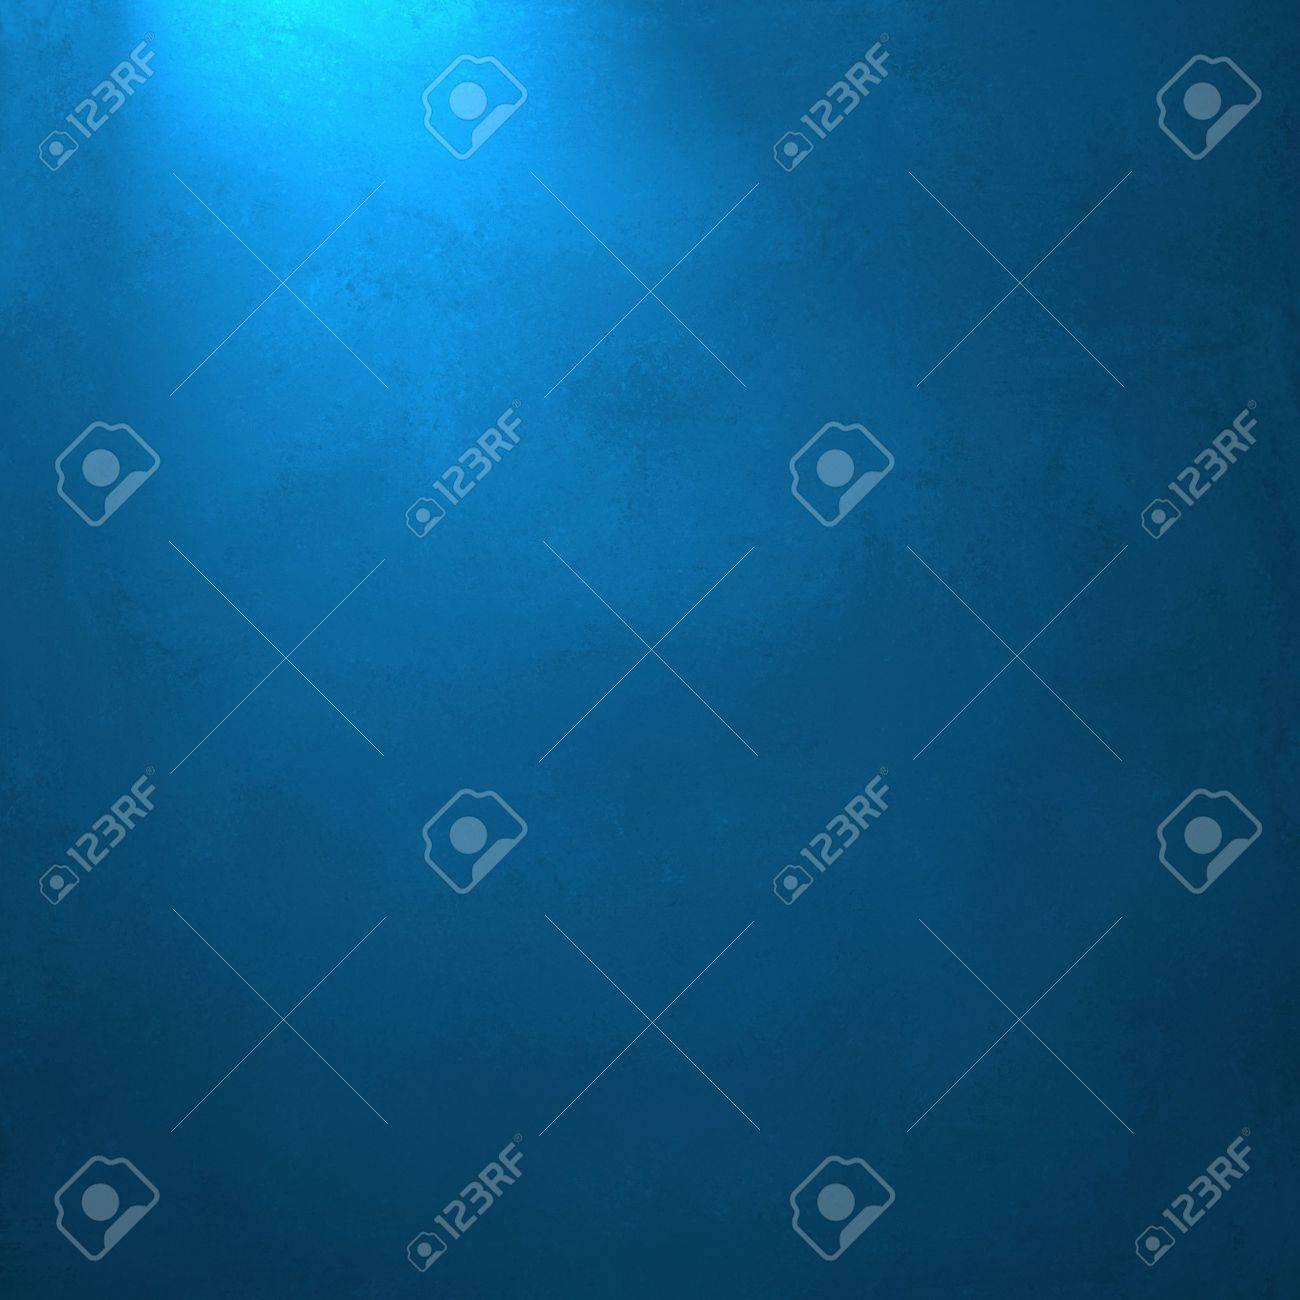 abstract blue background of elegant light corner spotlight on soft black vintage grunge background texture design of vignette border, dark blue paper page, old background brochure or web template Stock Photo - 14793073